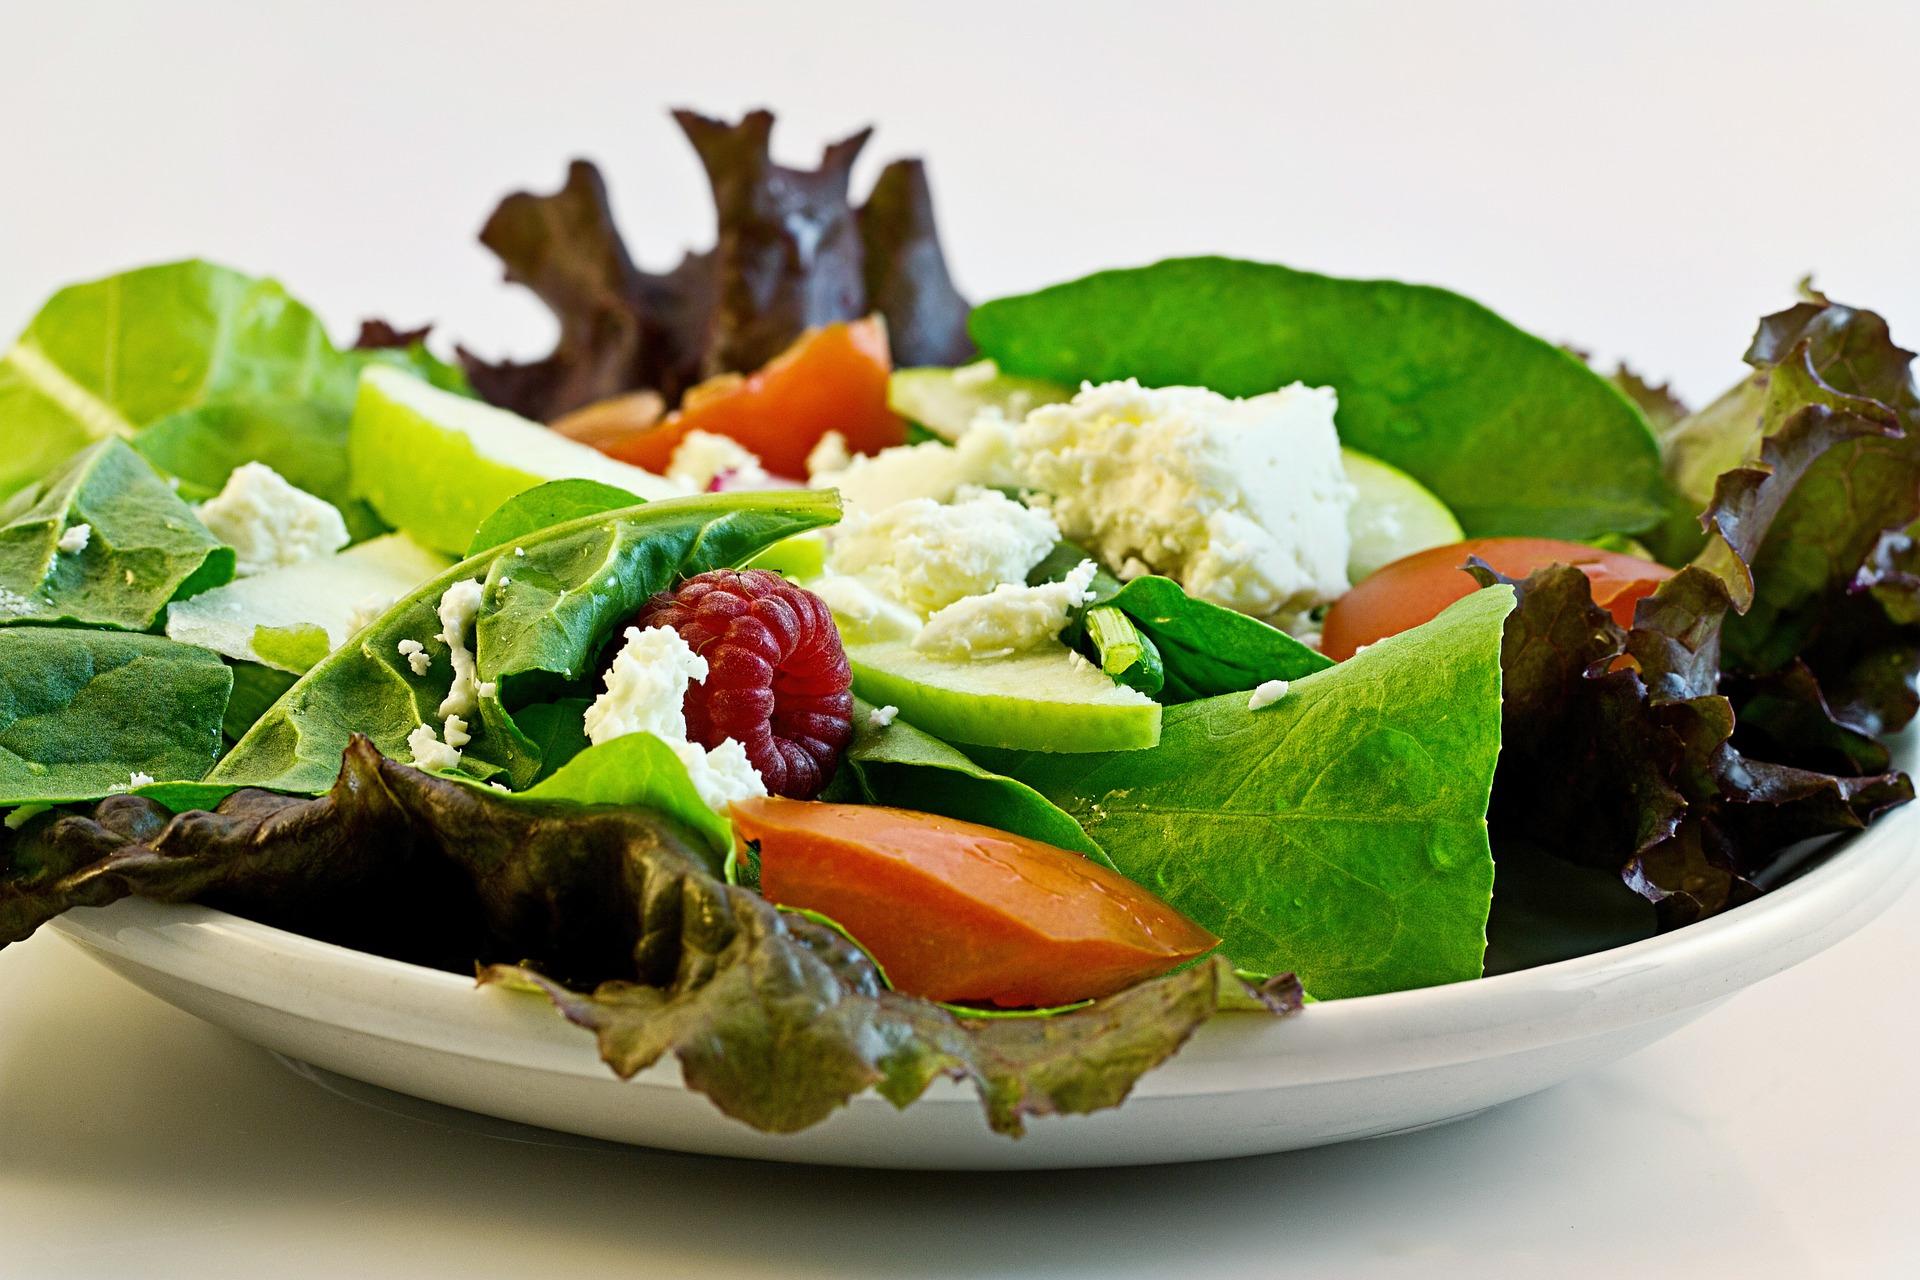 salad-374173_1920_stevepb